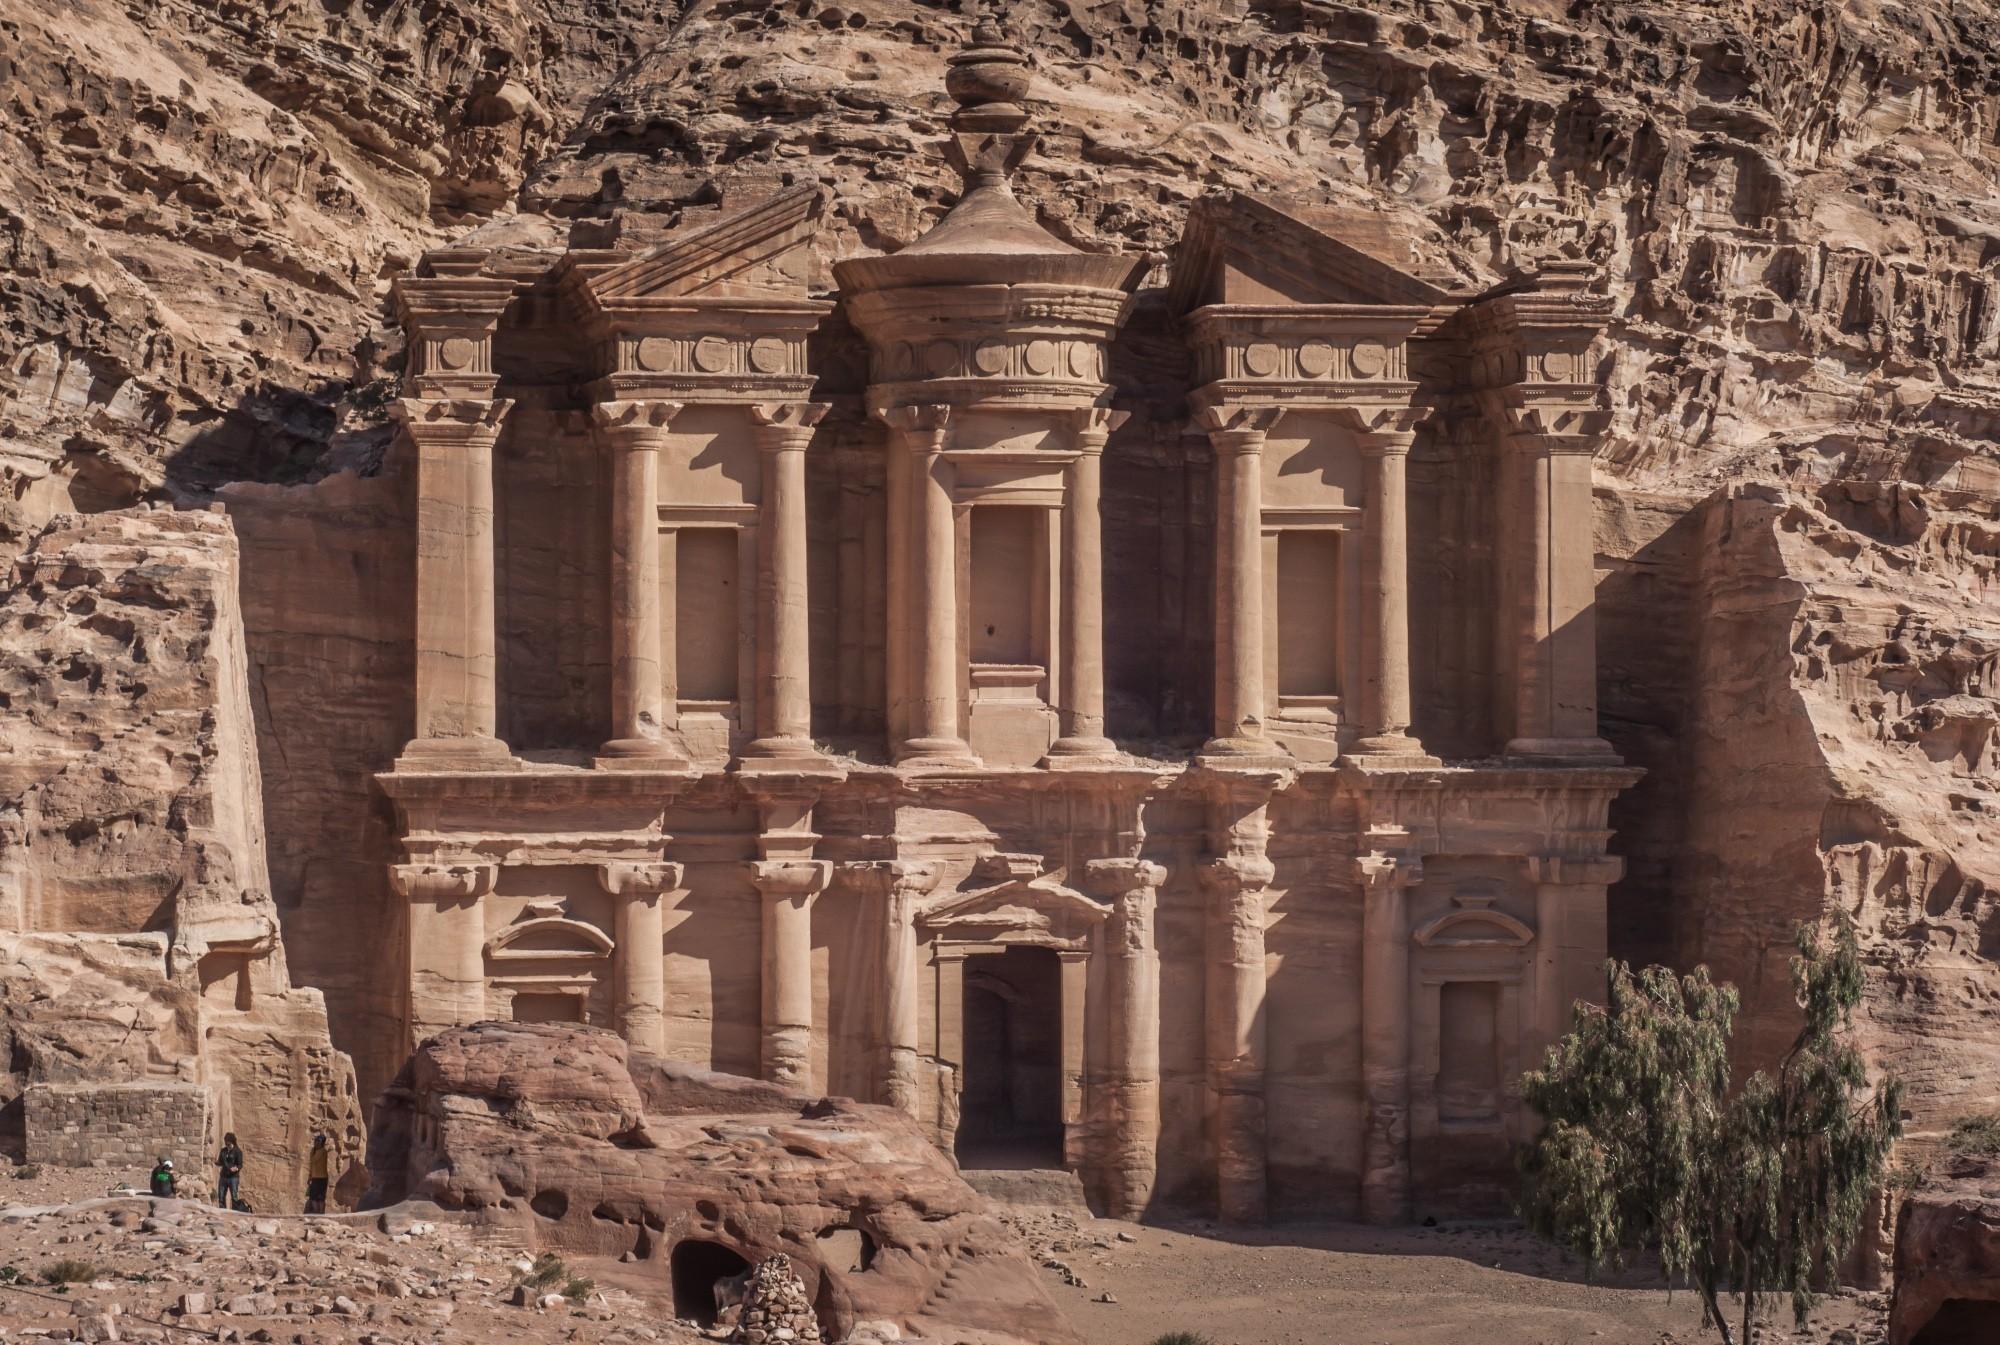 город петра в иордании фото как ботокс являются